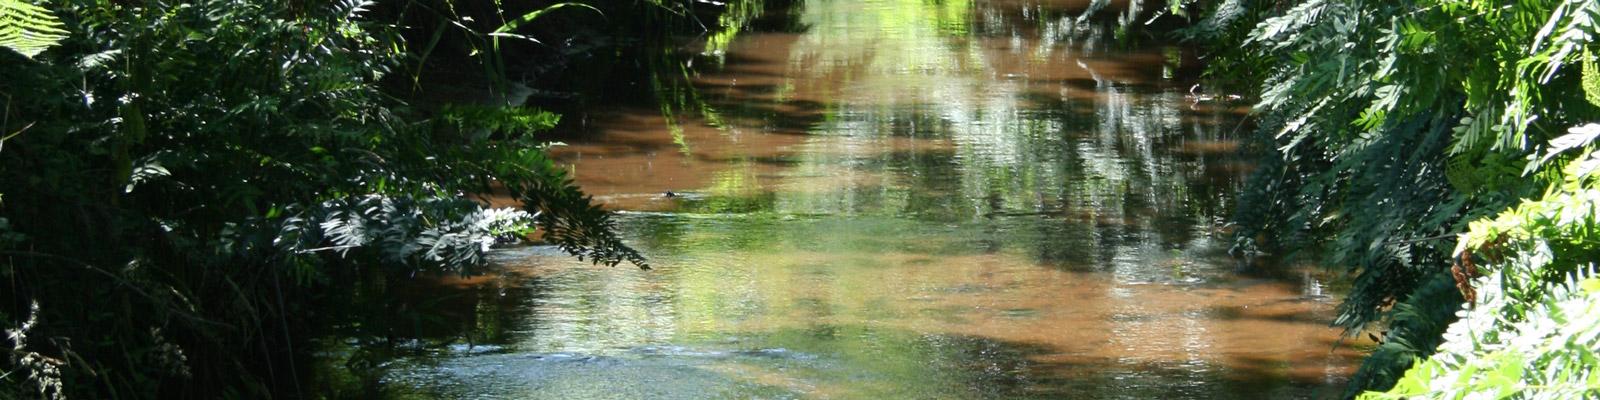 Journée mondiale des zones humides par Parc naturel régional Médoc